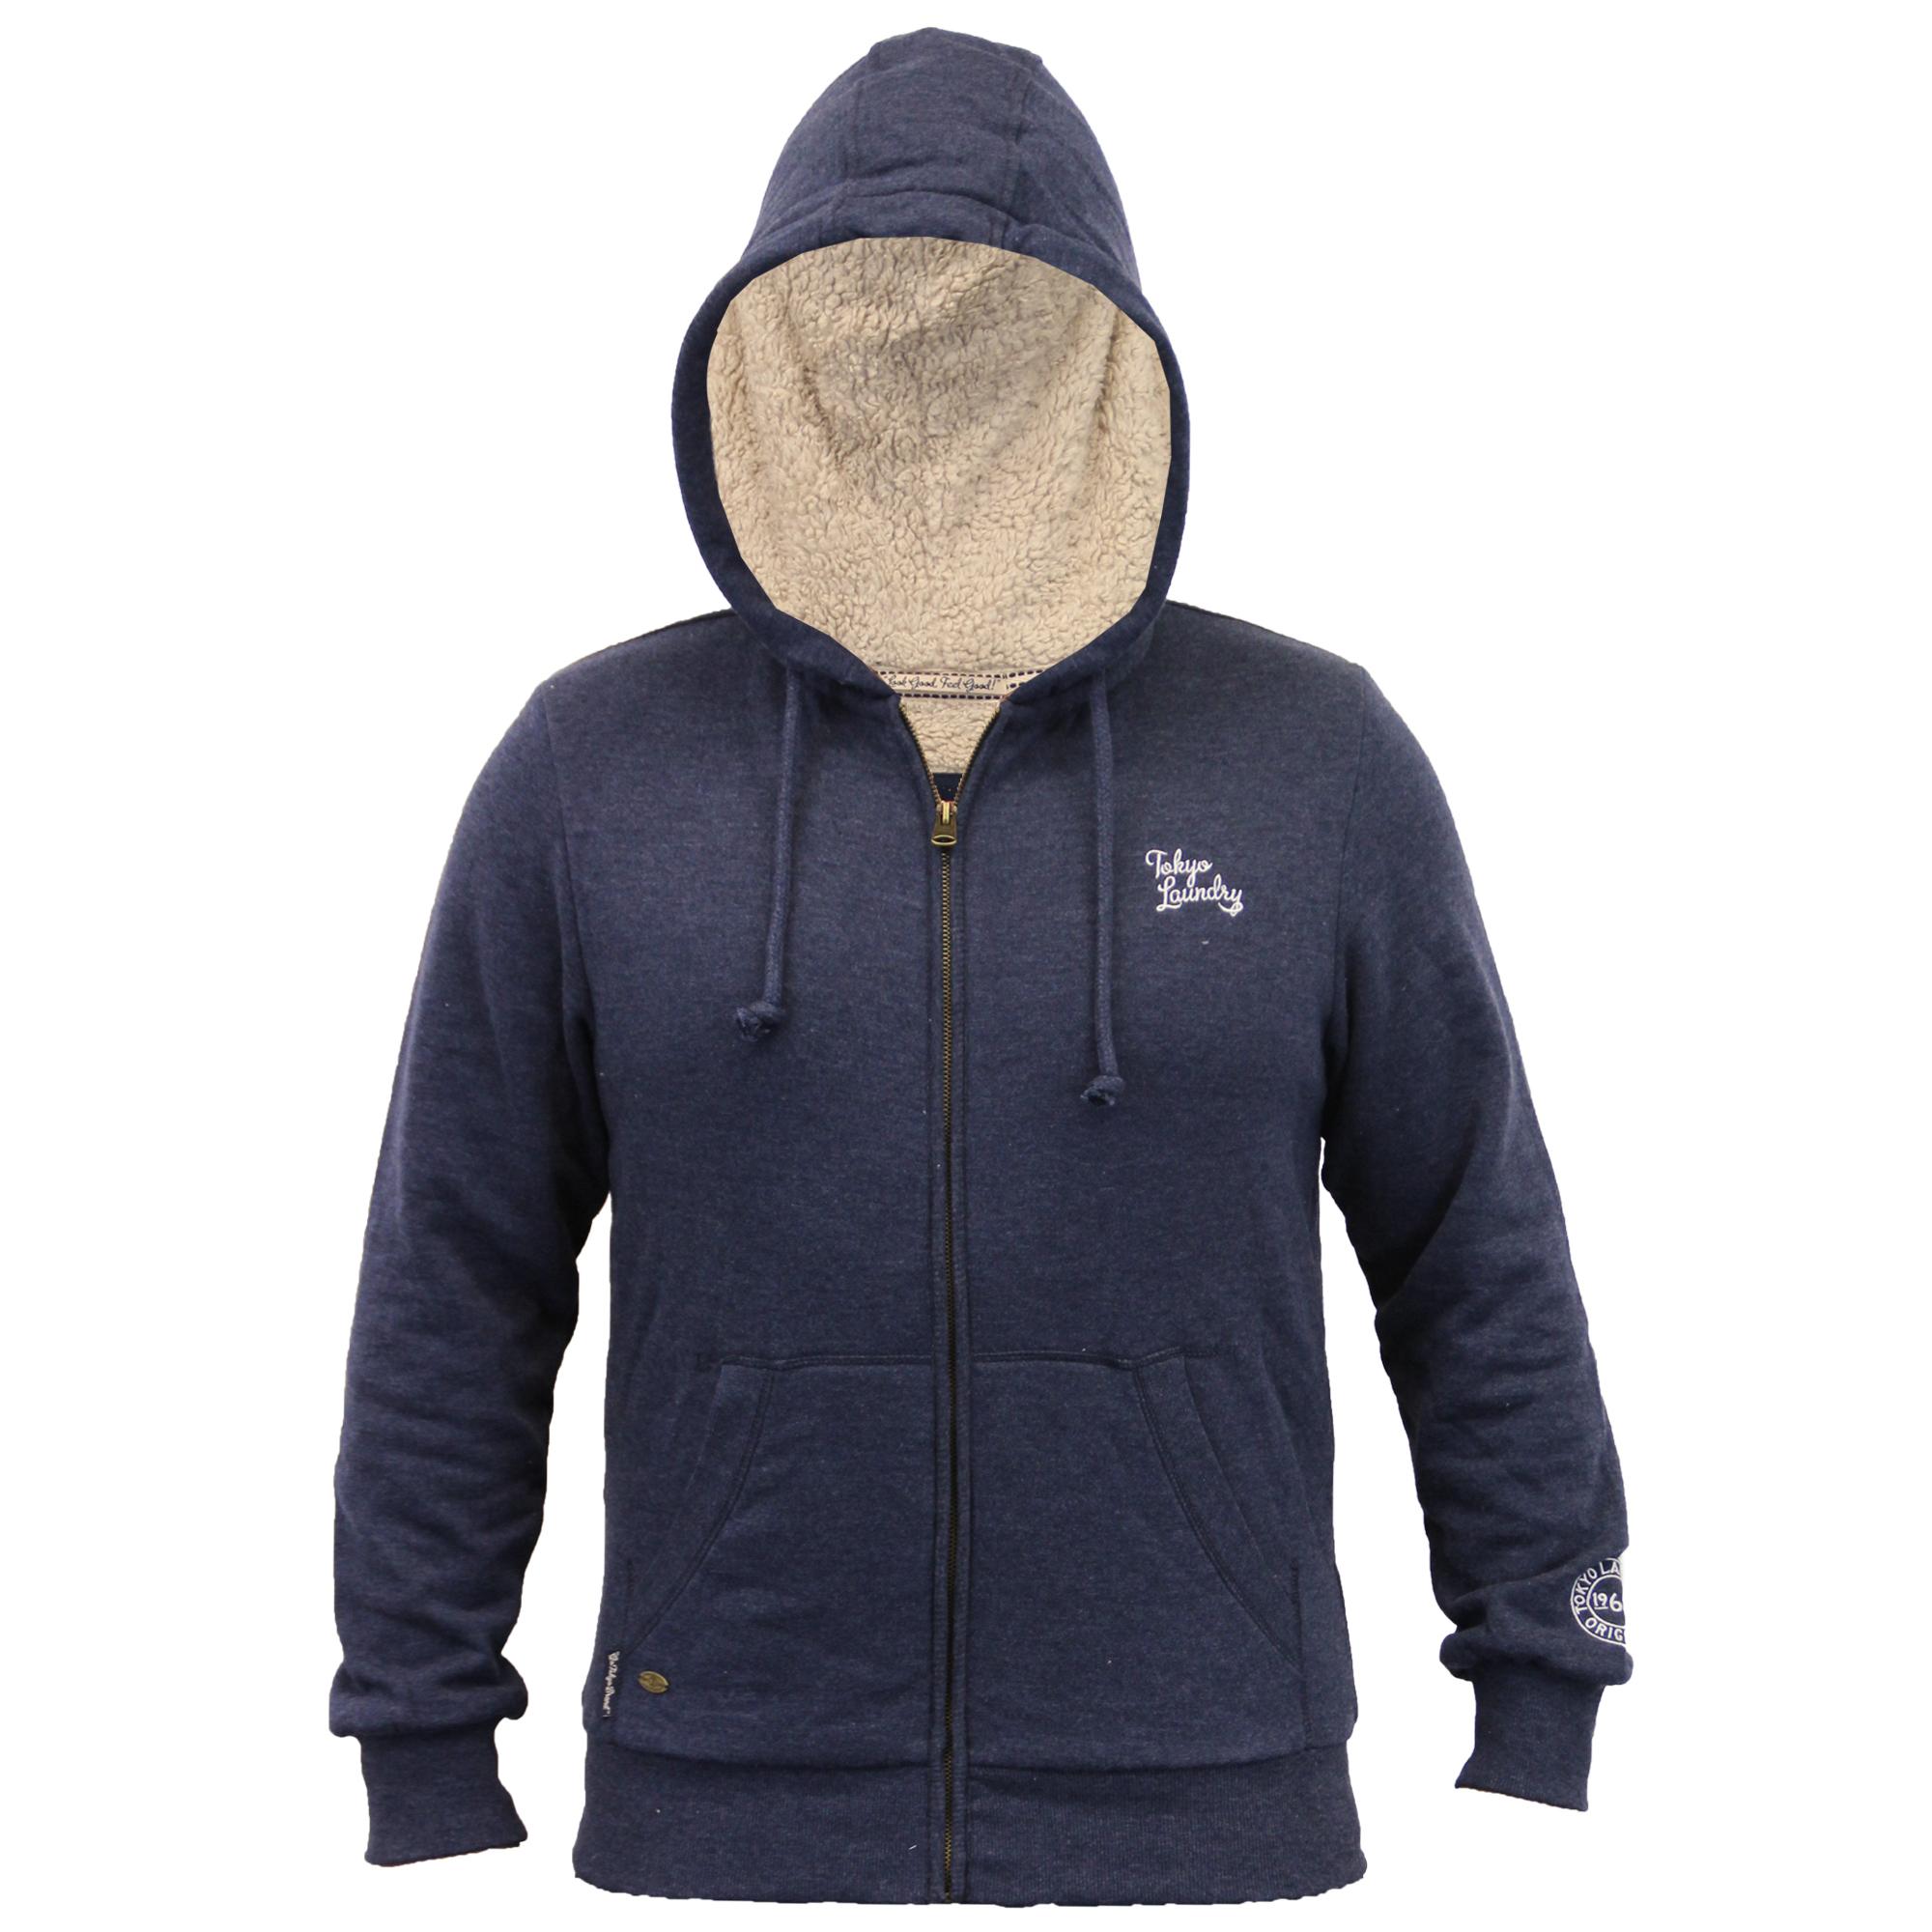 Veste homme tokyo laundry haut capuche sherpa polaire doubl d contract hiver neuf ebay - Veste homme decontracte ...